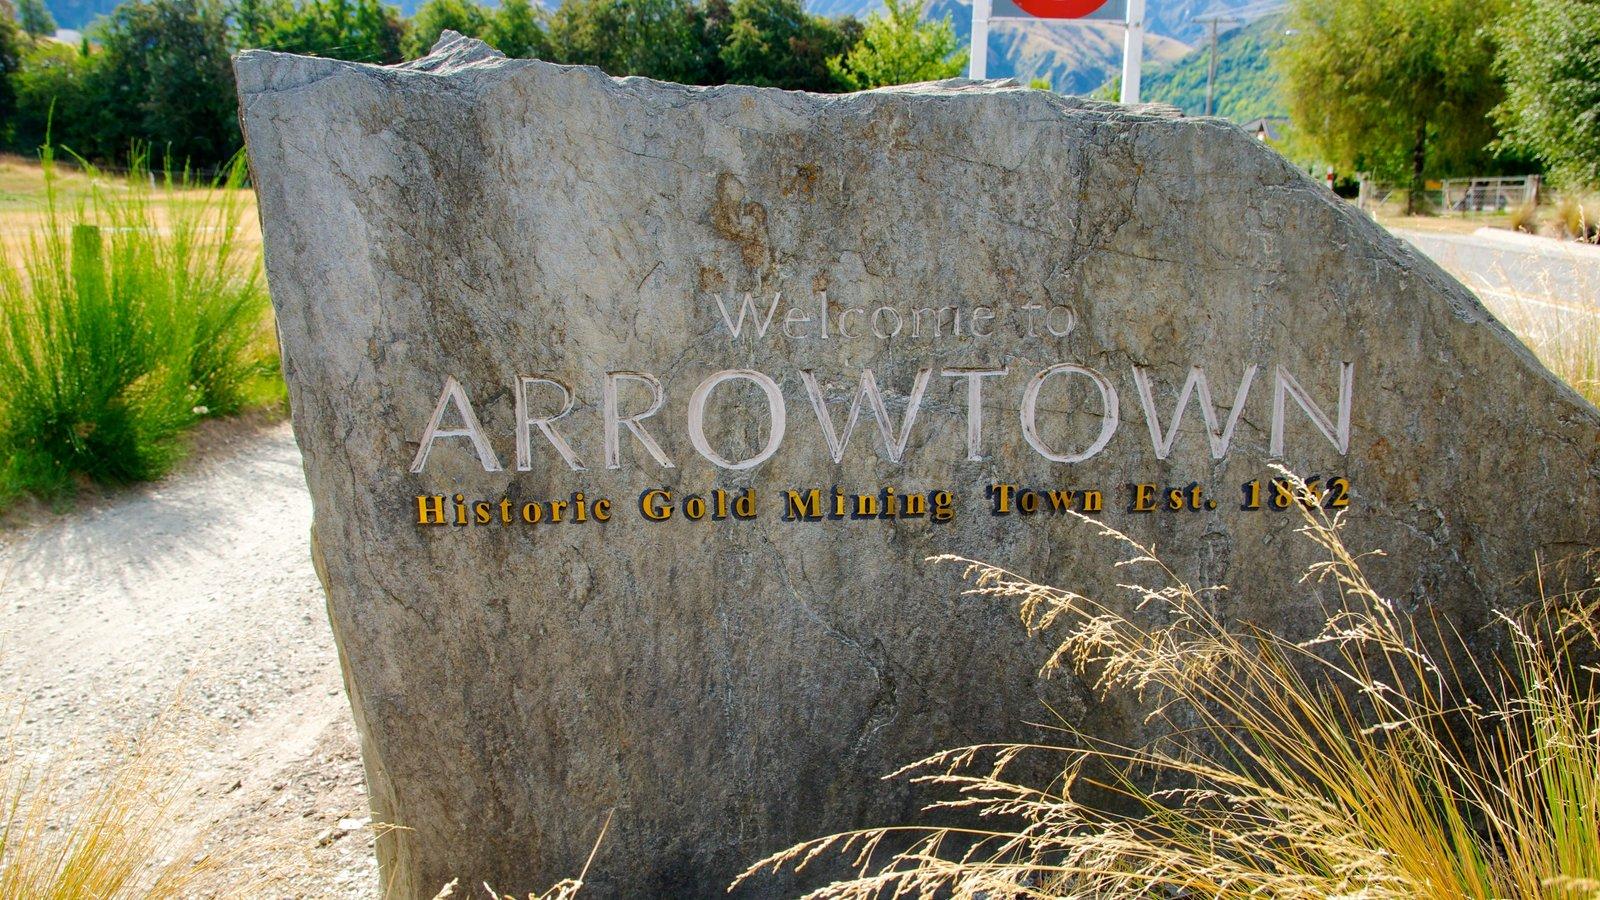 Arrowtown que incluye un monumento y señalización